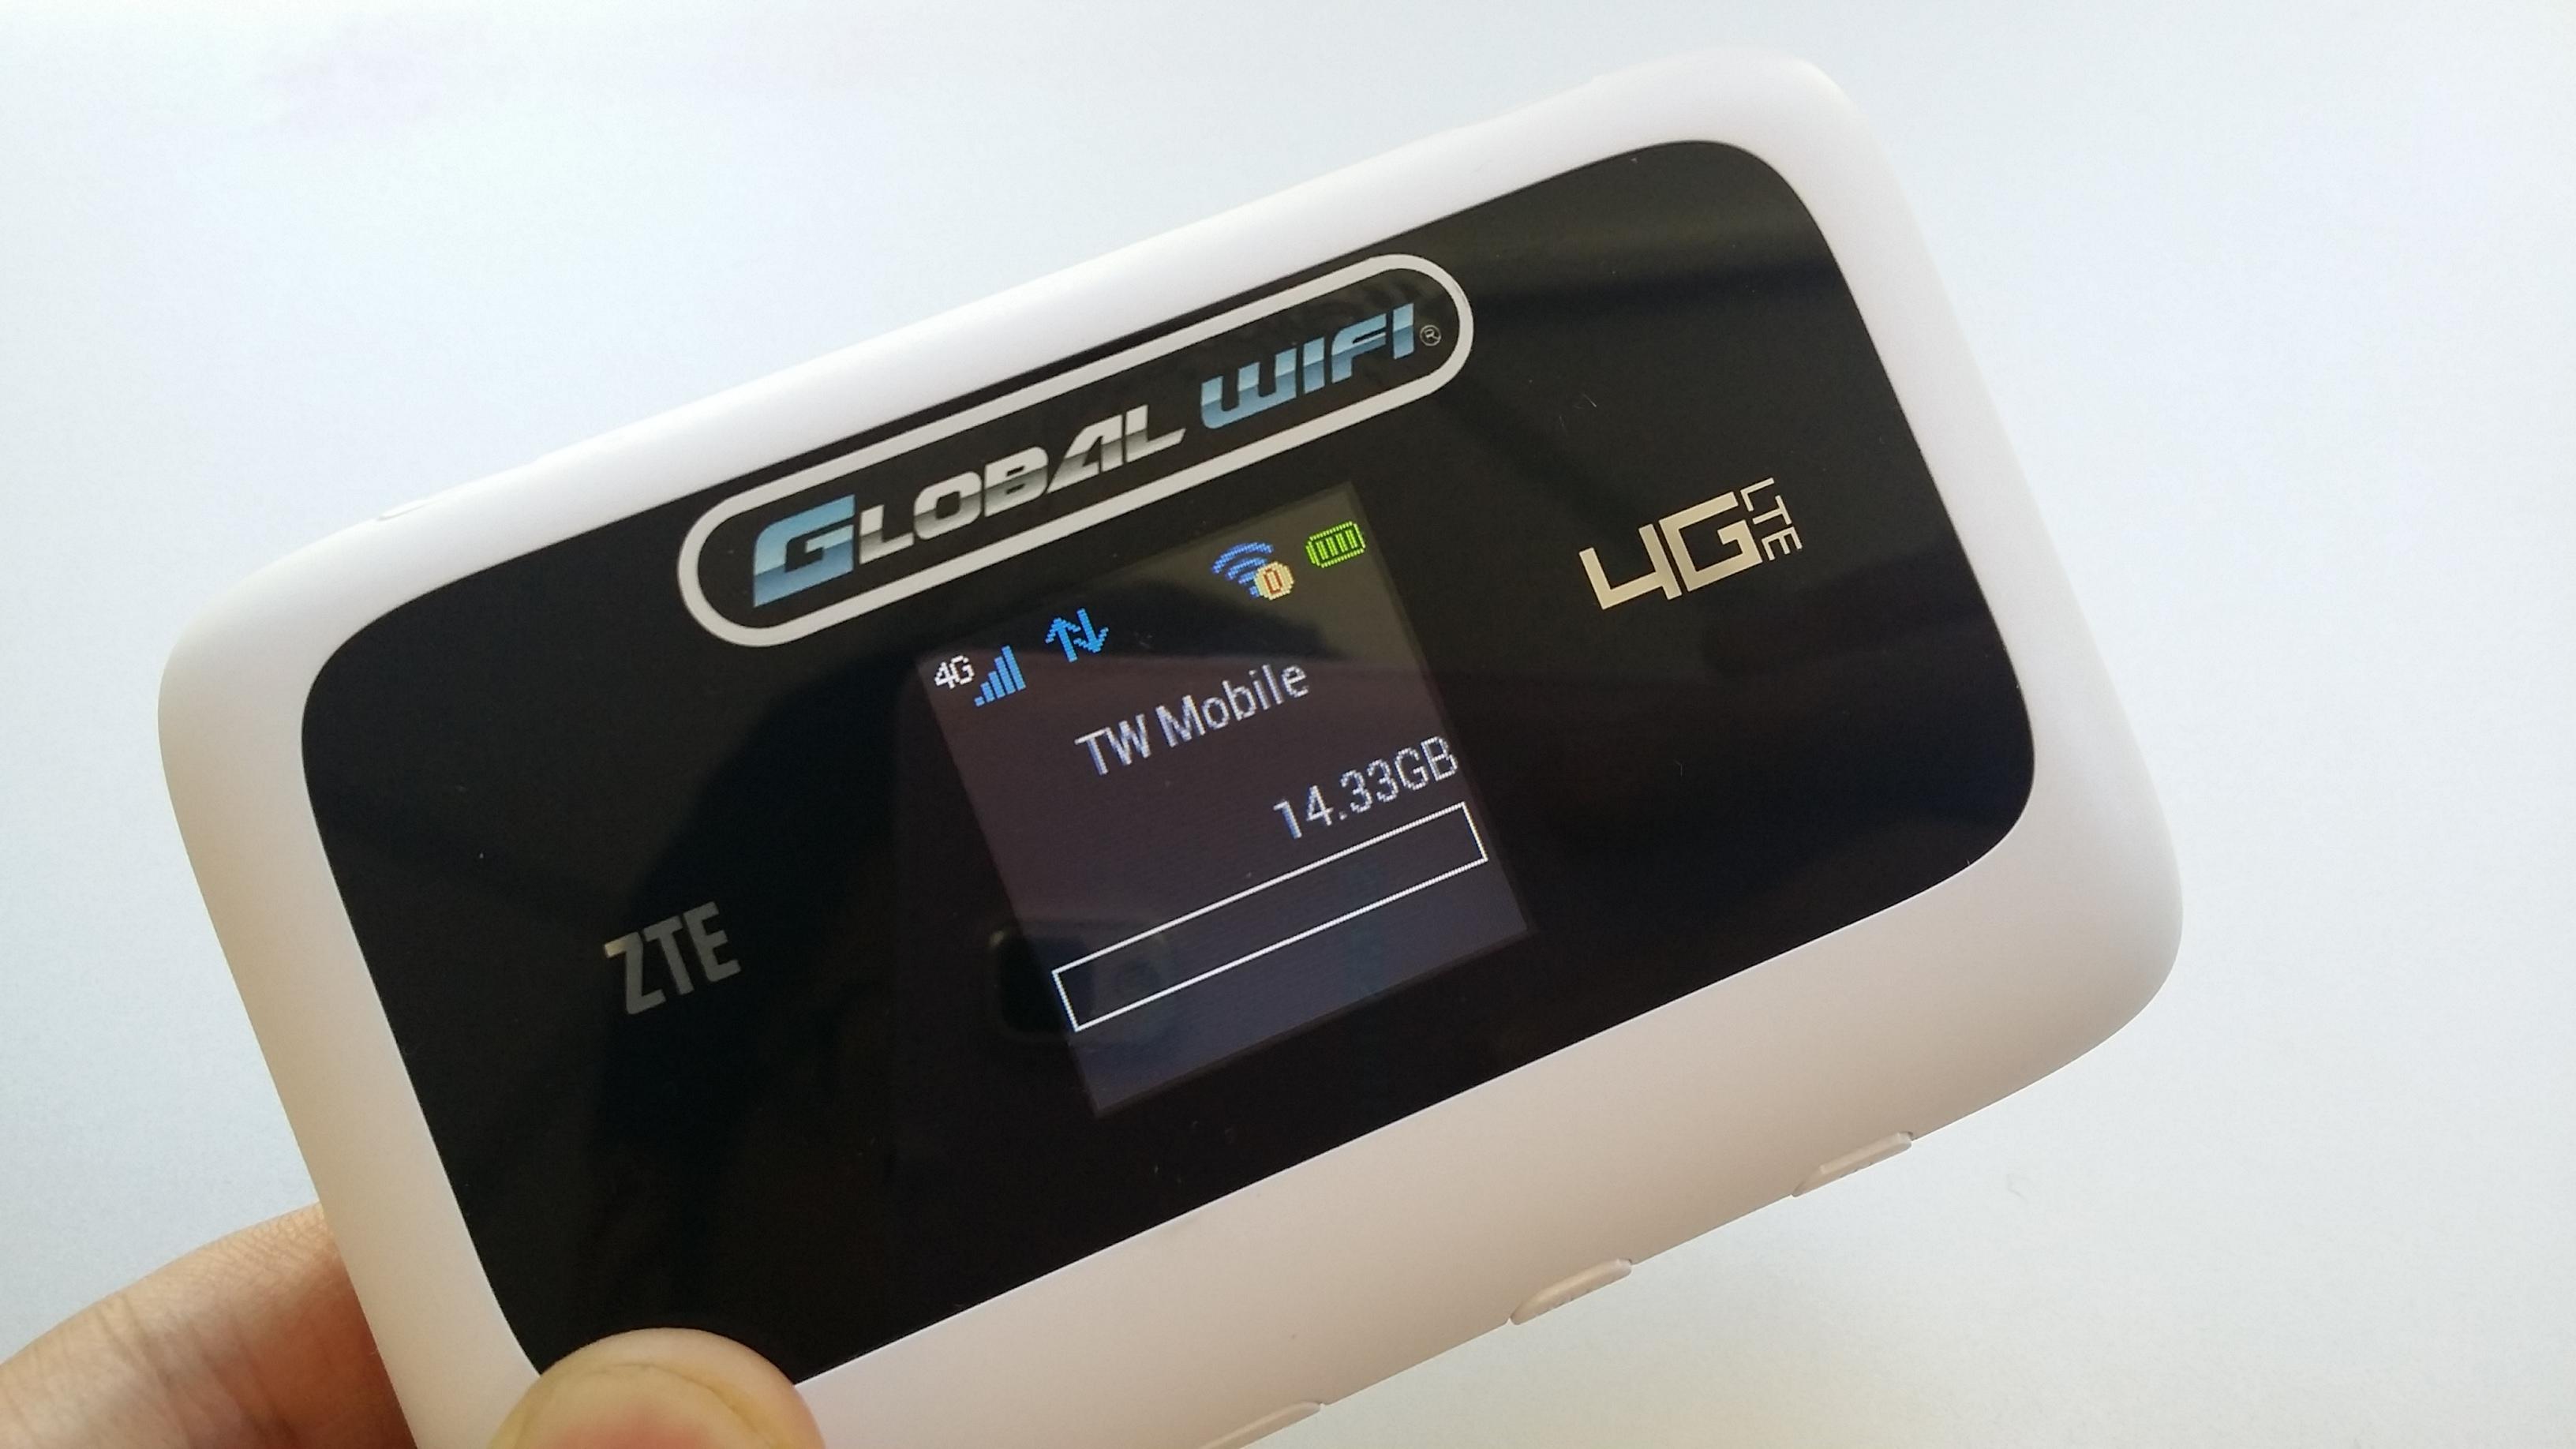 台湾向けの4G LTE対応モバイルWi-Fiルータをレンタルしてみた